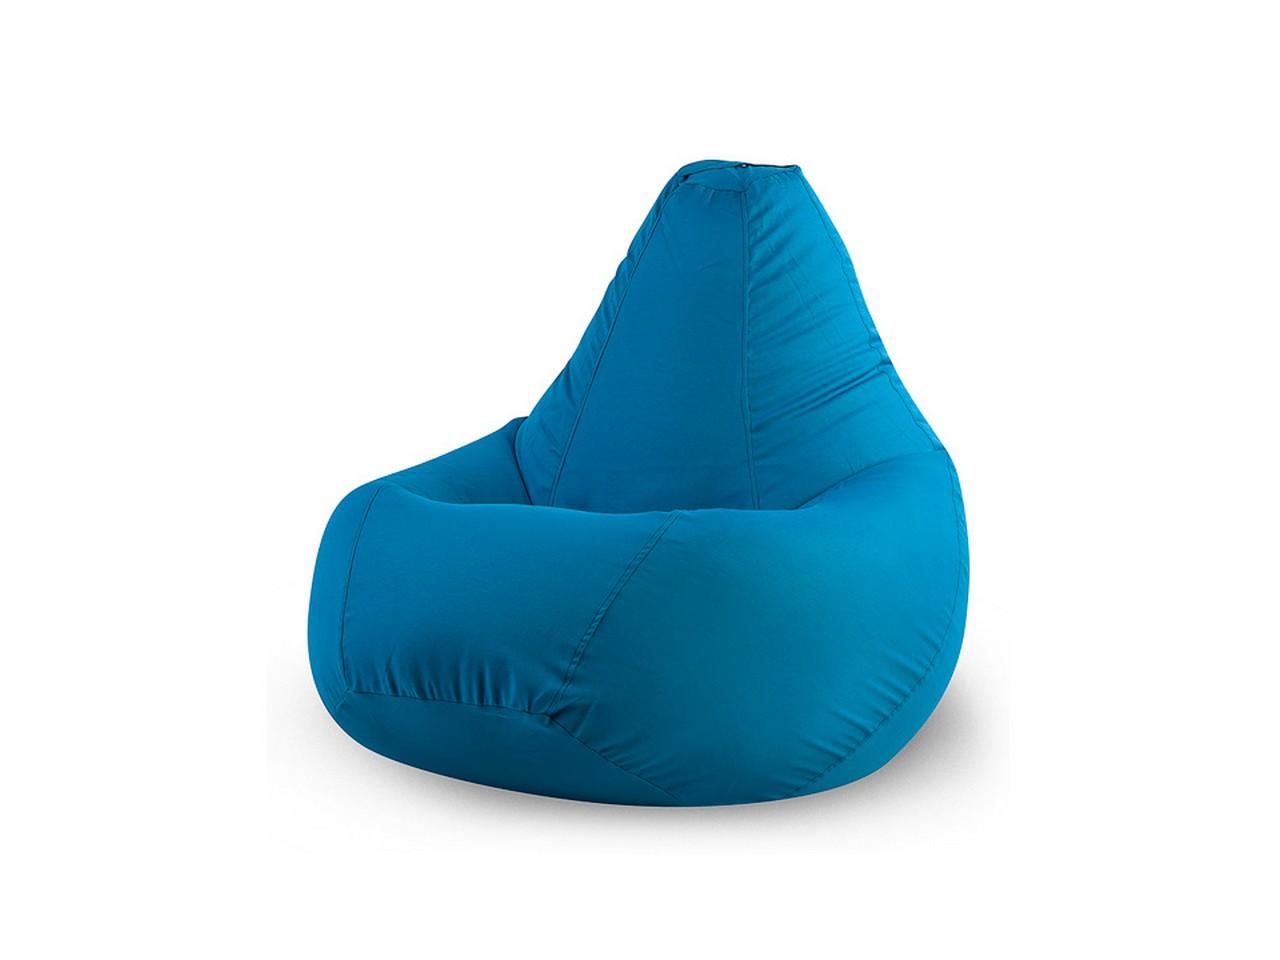 Кресло-мешок Pesko Blue XLБесформенные пуфы<br>&amp;lt;div&amp;gt;Съемный чехол: Да (на молнии);&amp;lt;/div&amp;gt;&amp;lt;div&amp;gt;Наполнитель: пенополистирол (гранула 2 мм).&amp;lt;/div&amp;gt;<br><br>Material: Текстиль<br>Ширина см: 90.0<br>Высота см: 135<br>Глубина см: 90.0